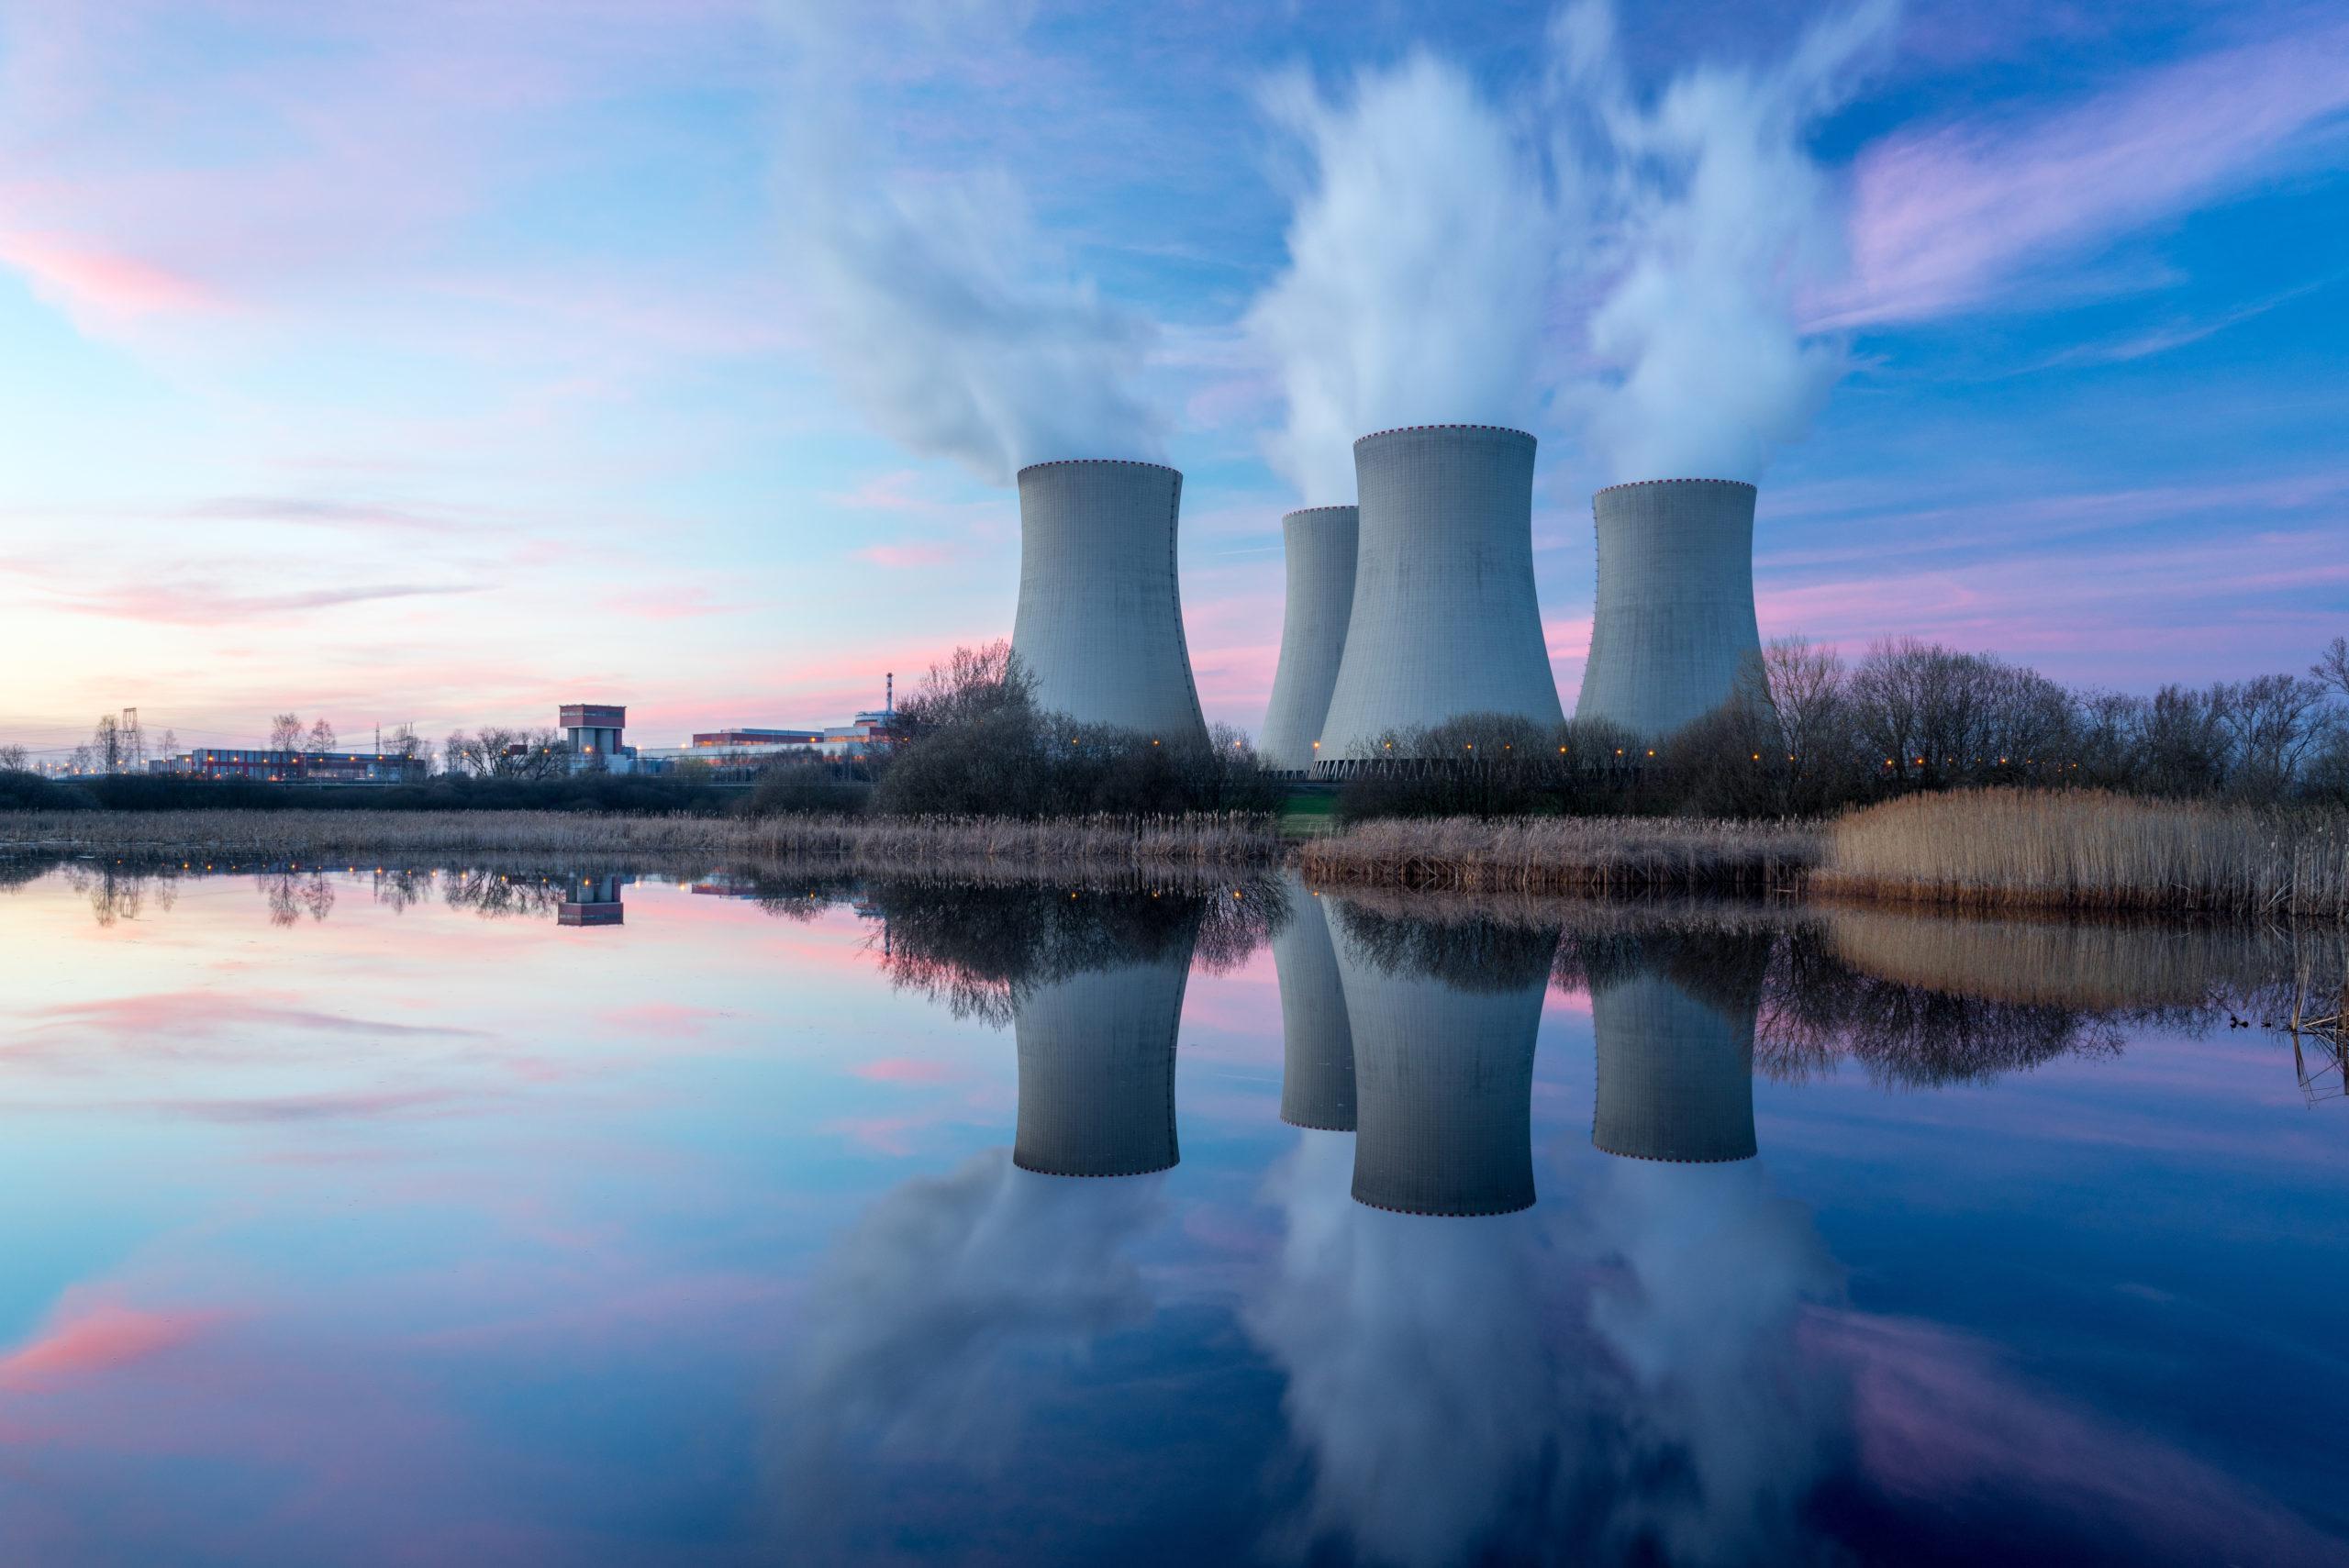 Should the EU subsidise nuclear energy as transition energy?